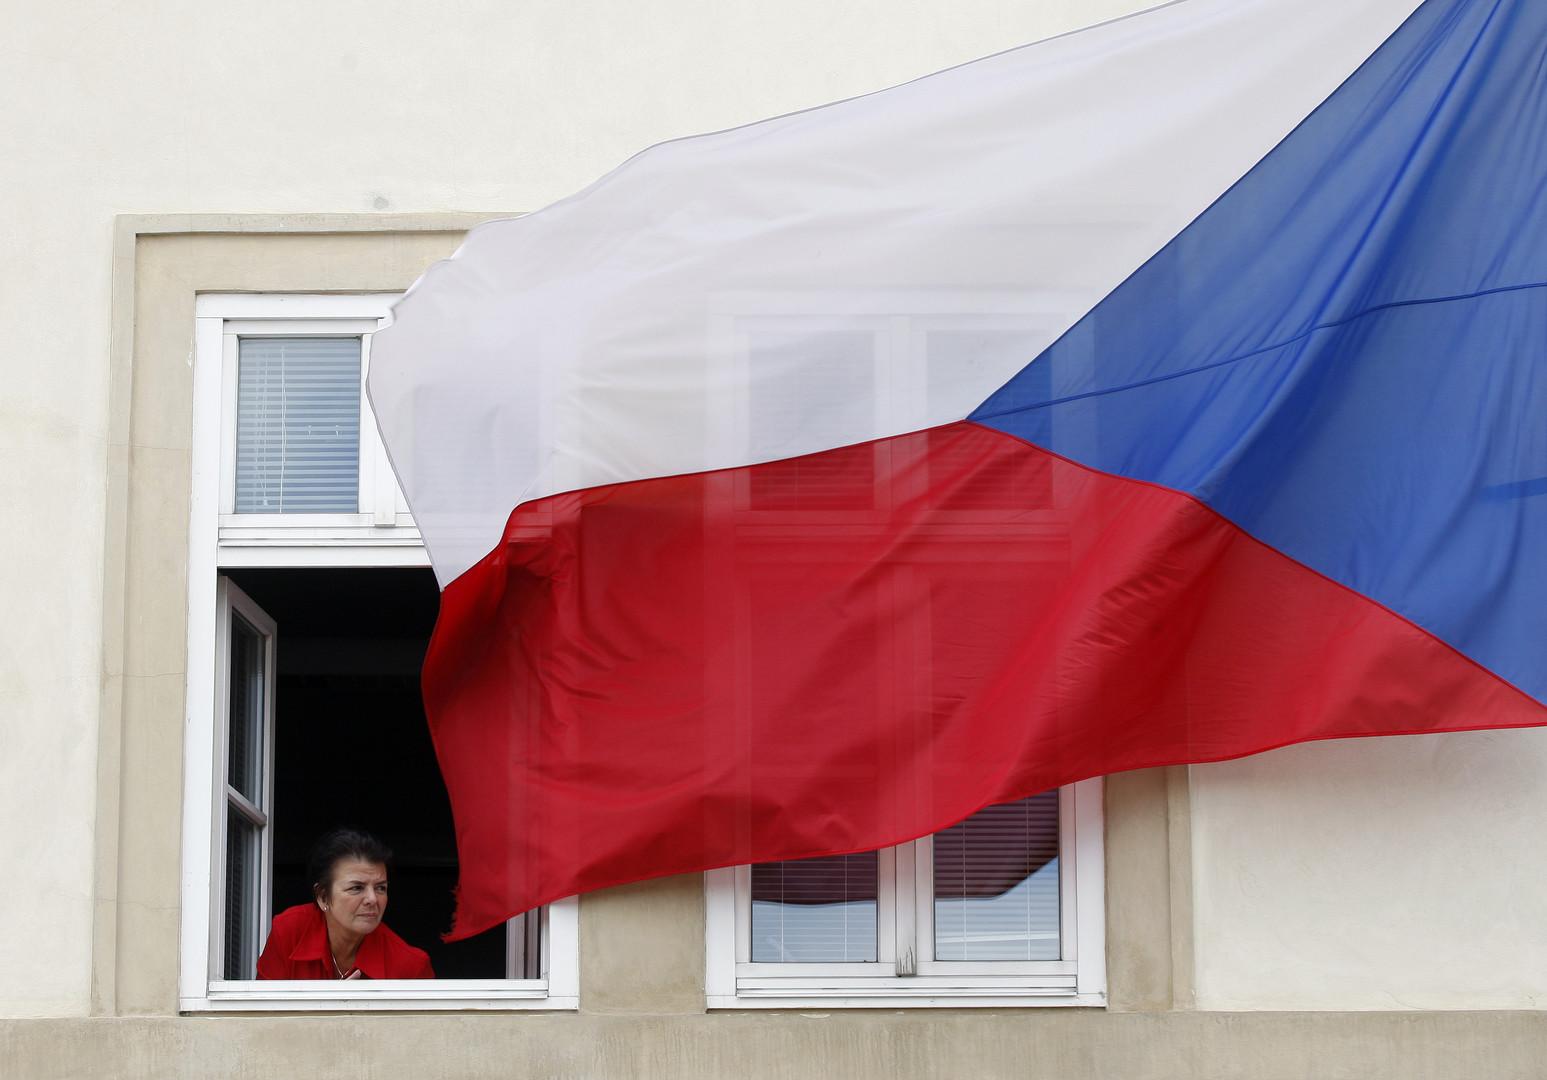 Президент Чехии пообещал провести референдум о выходе страны из ЕС и НАТО